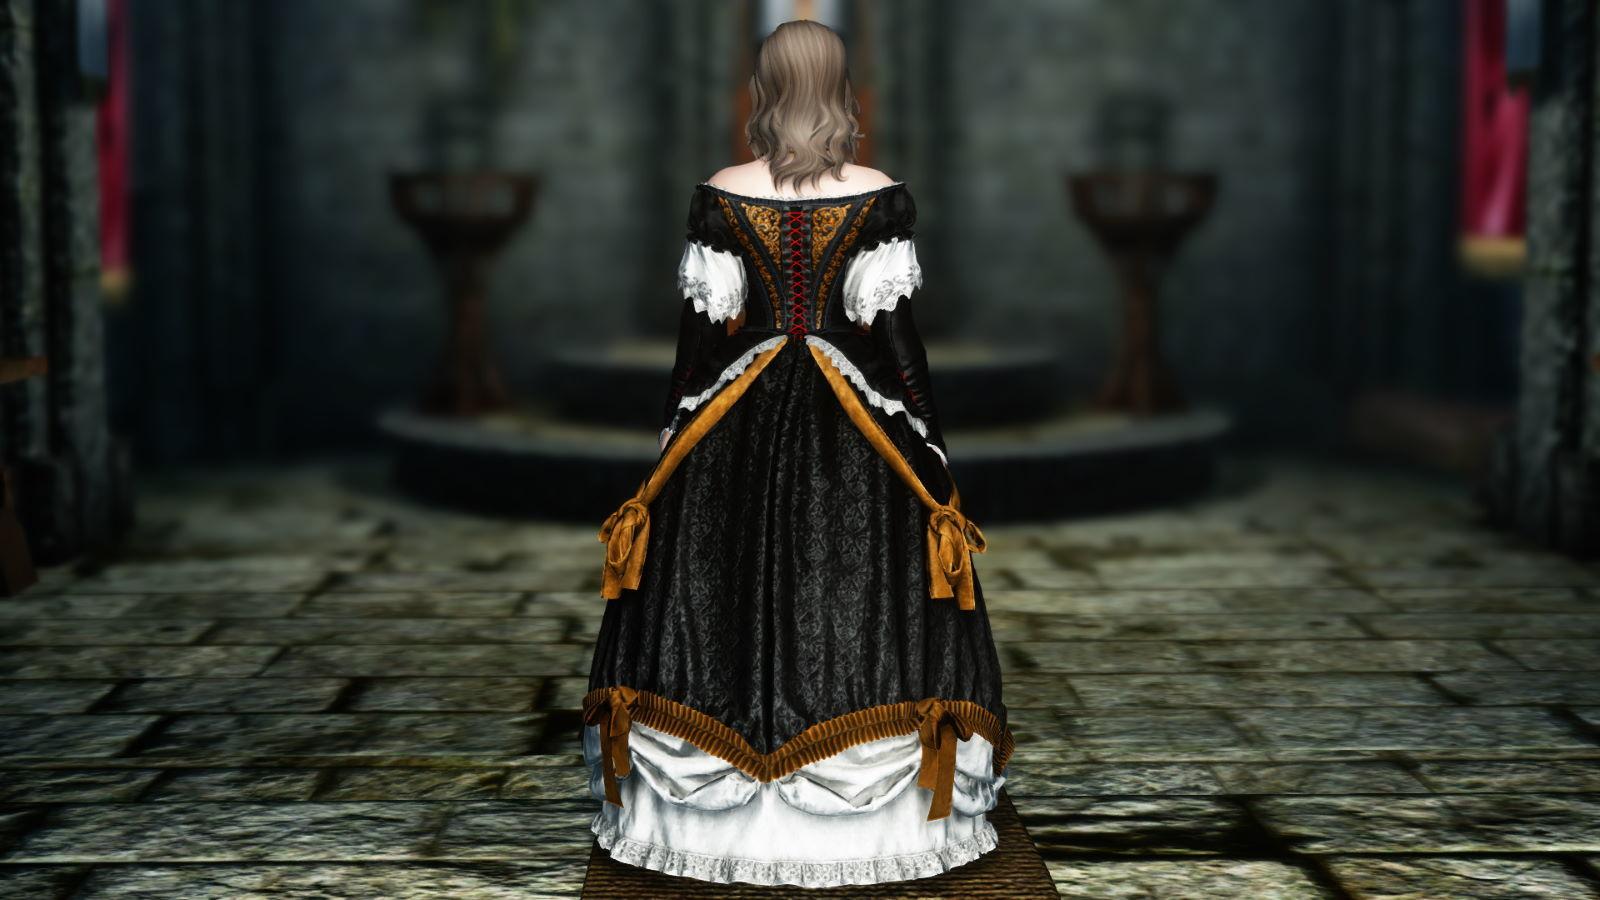 FullInuEliseDressSK 211-1 Pose Dress 1